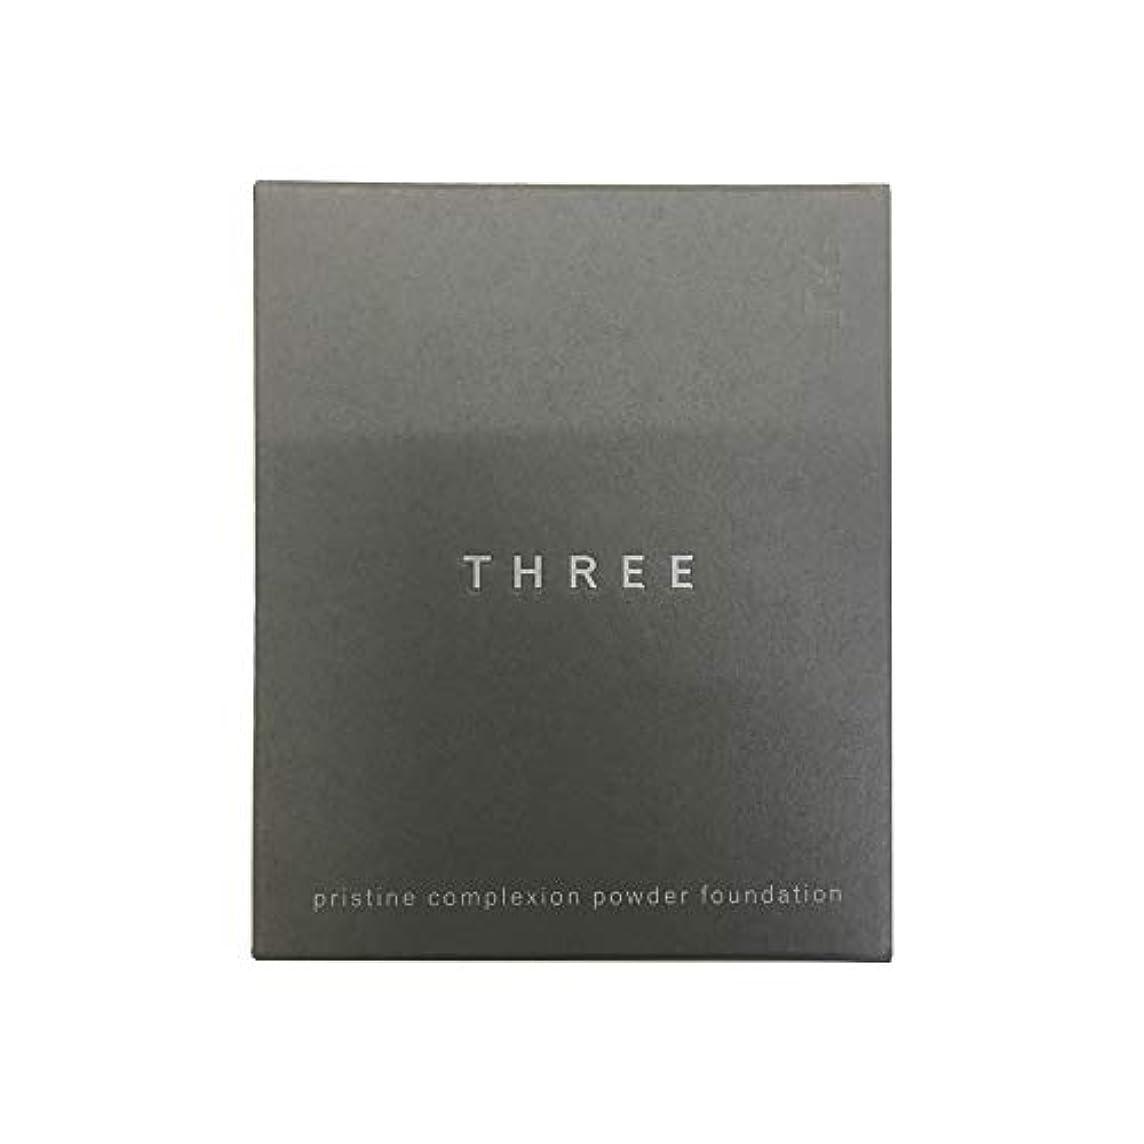 公平な廃止する分割THREE(スリー) プリスティーンコンプレクションパウダーファンデーション #100(リフィル) [ パウダーファンデーション ] [並行輸入品]